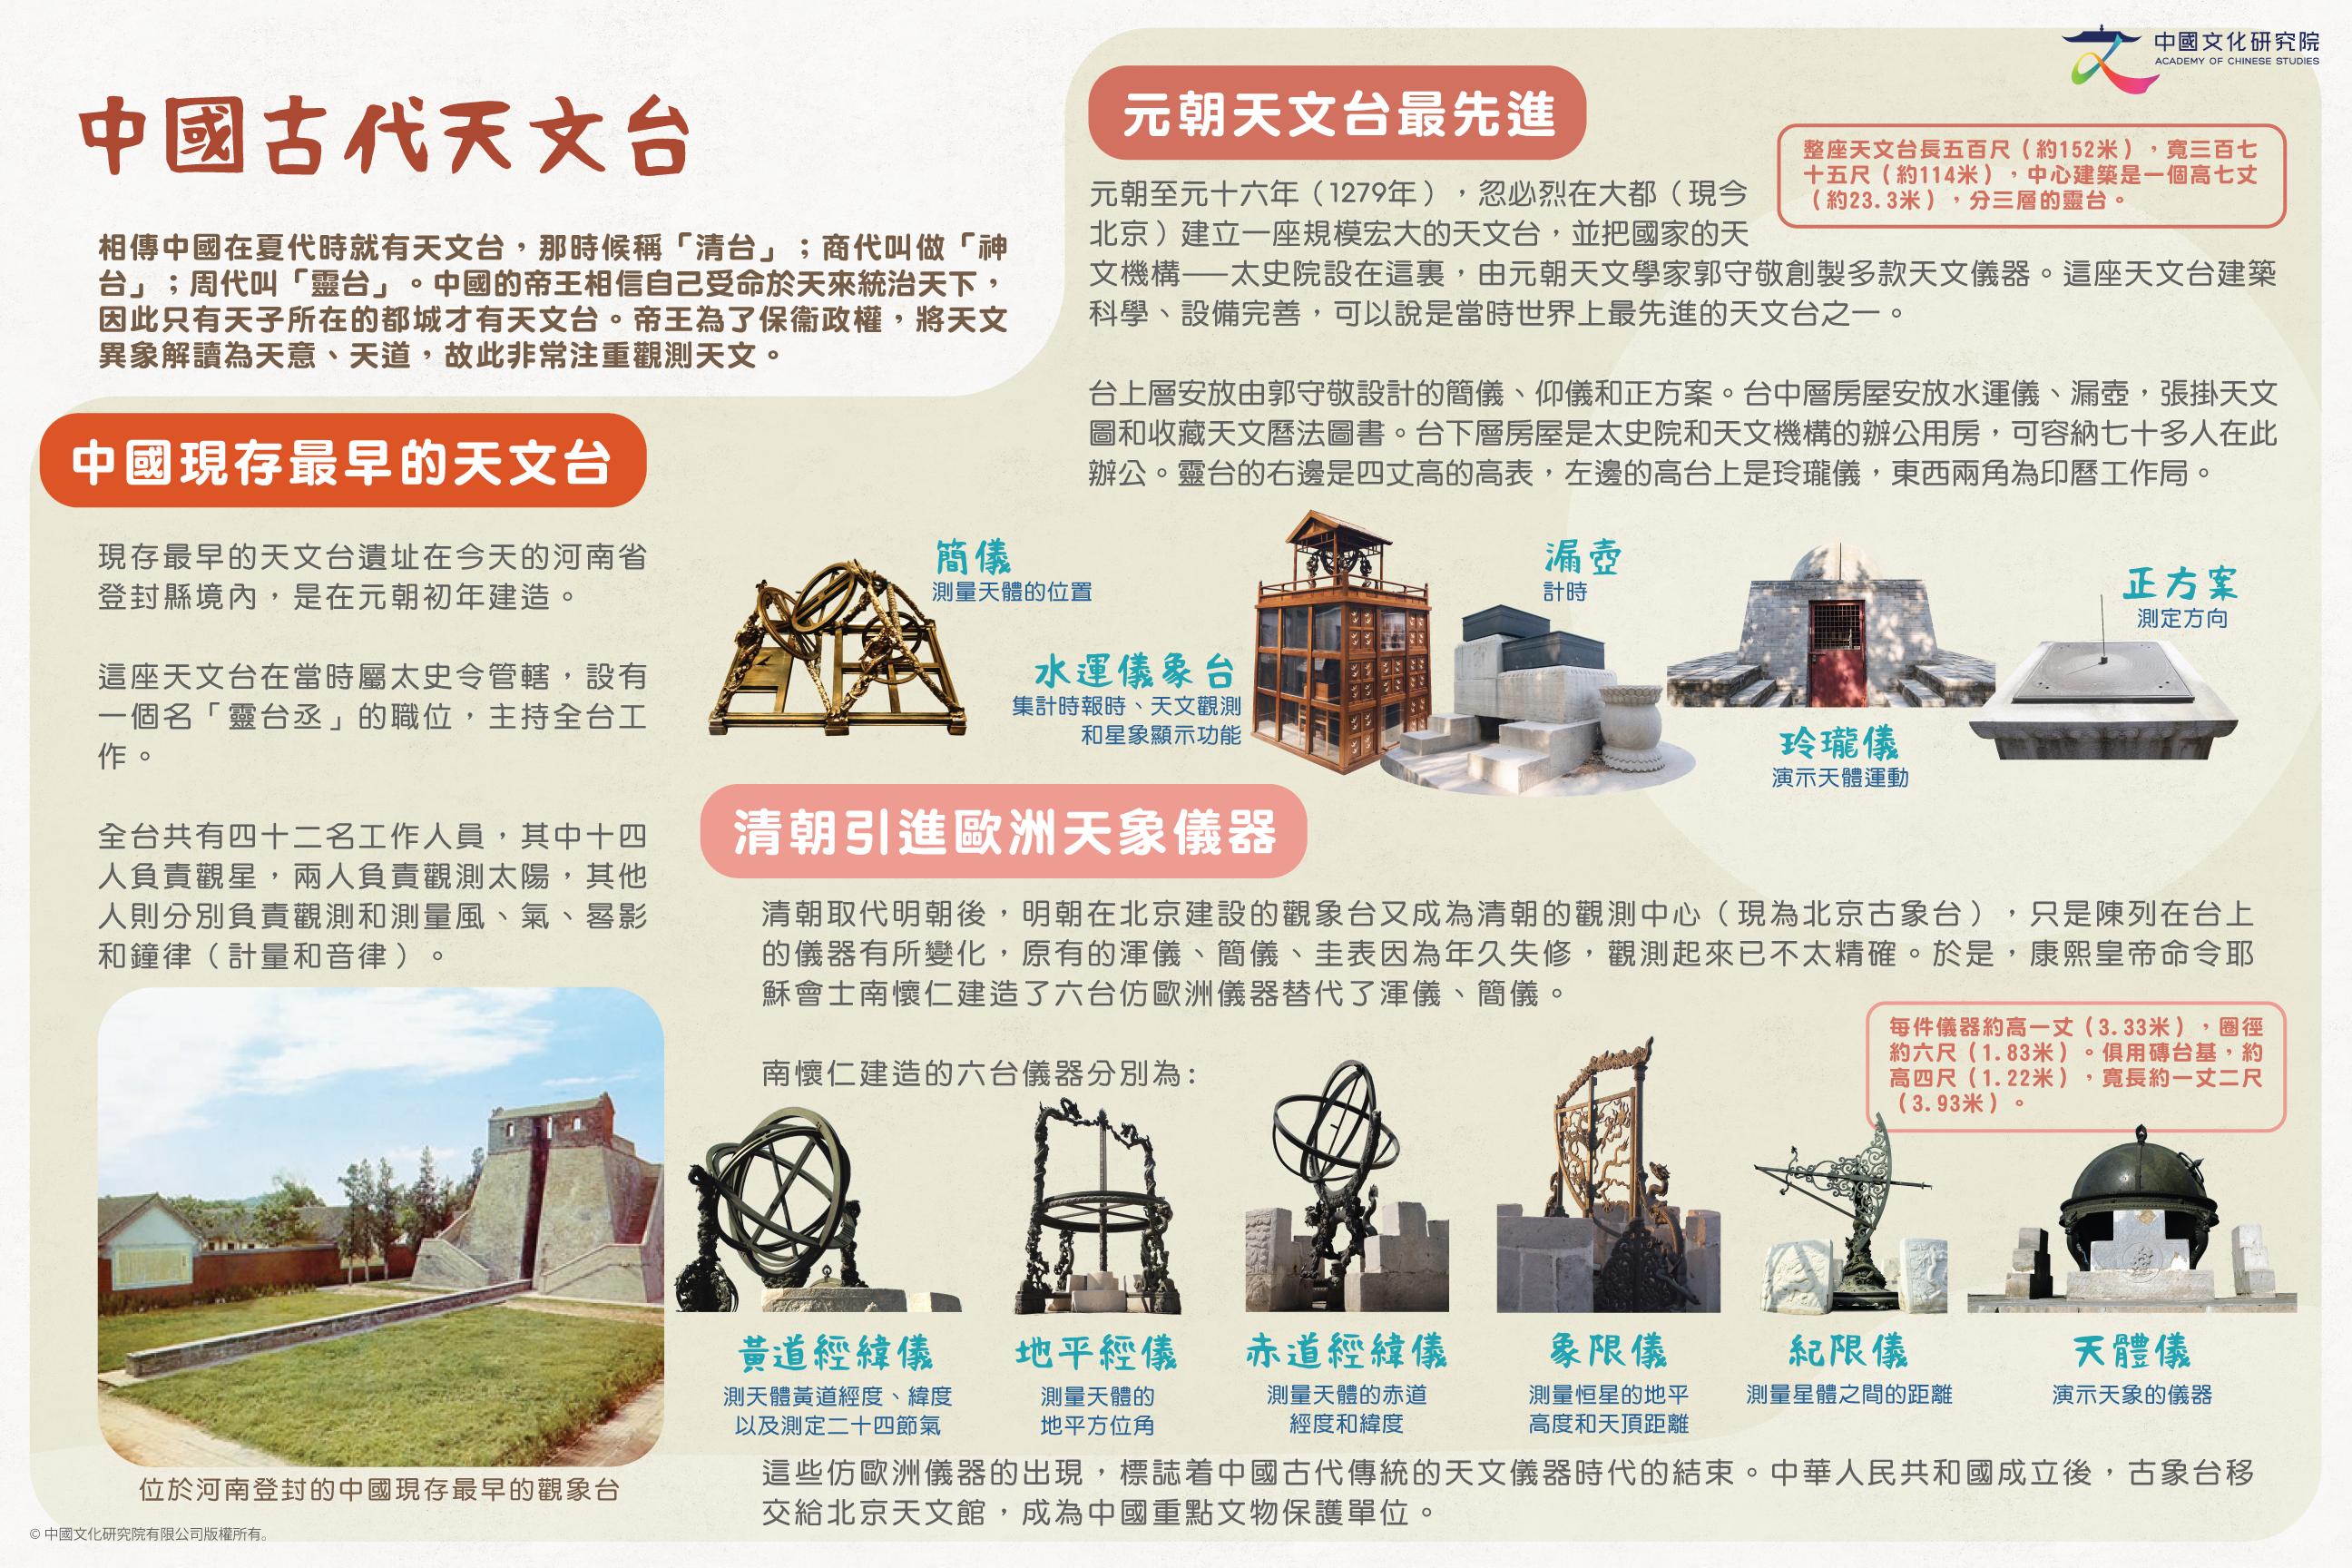 中國古代天文學-04_0921